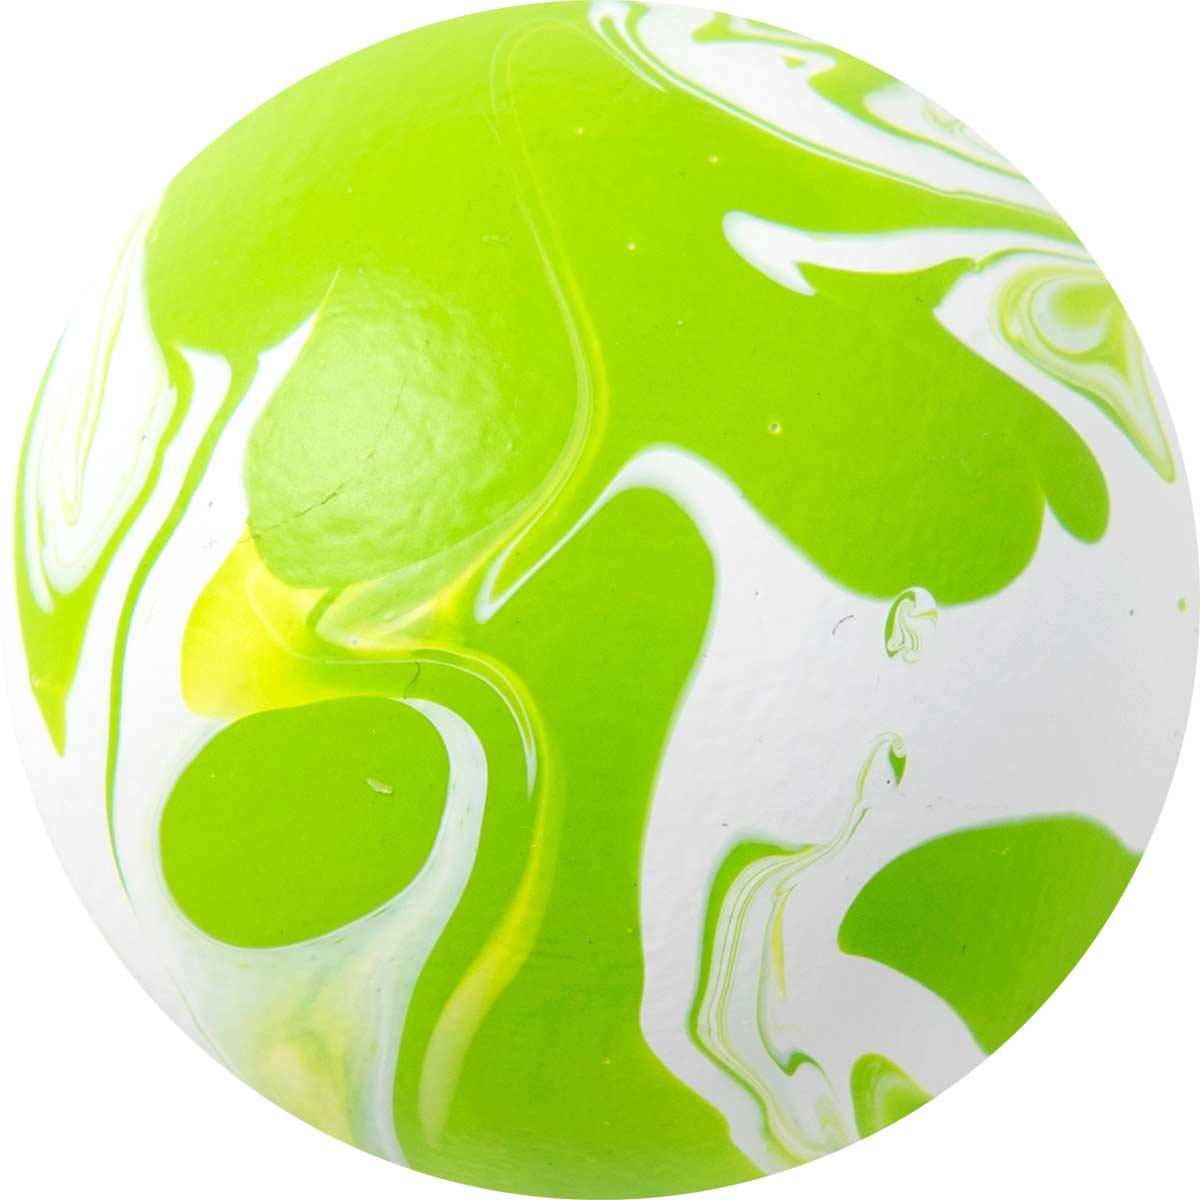 FolkArt ® Marbling Paint - Sour Apple, 2 oz.